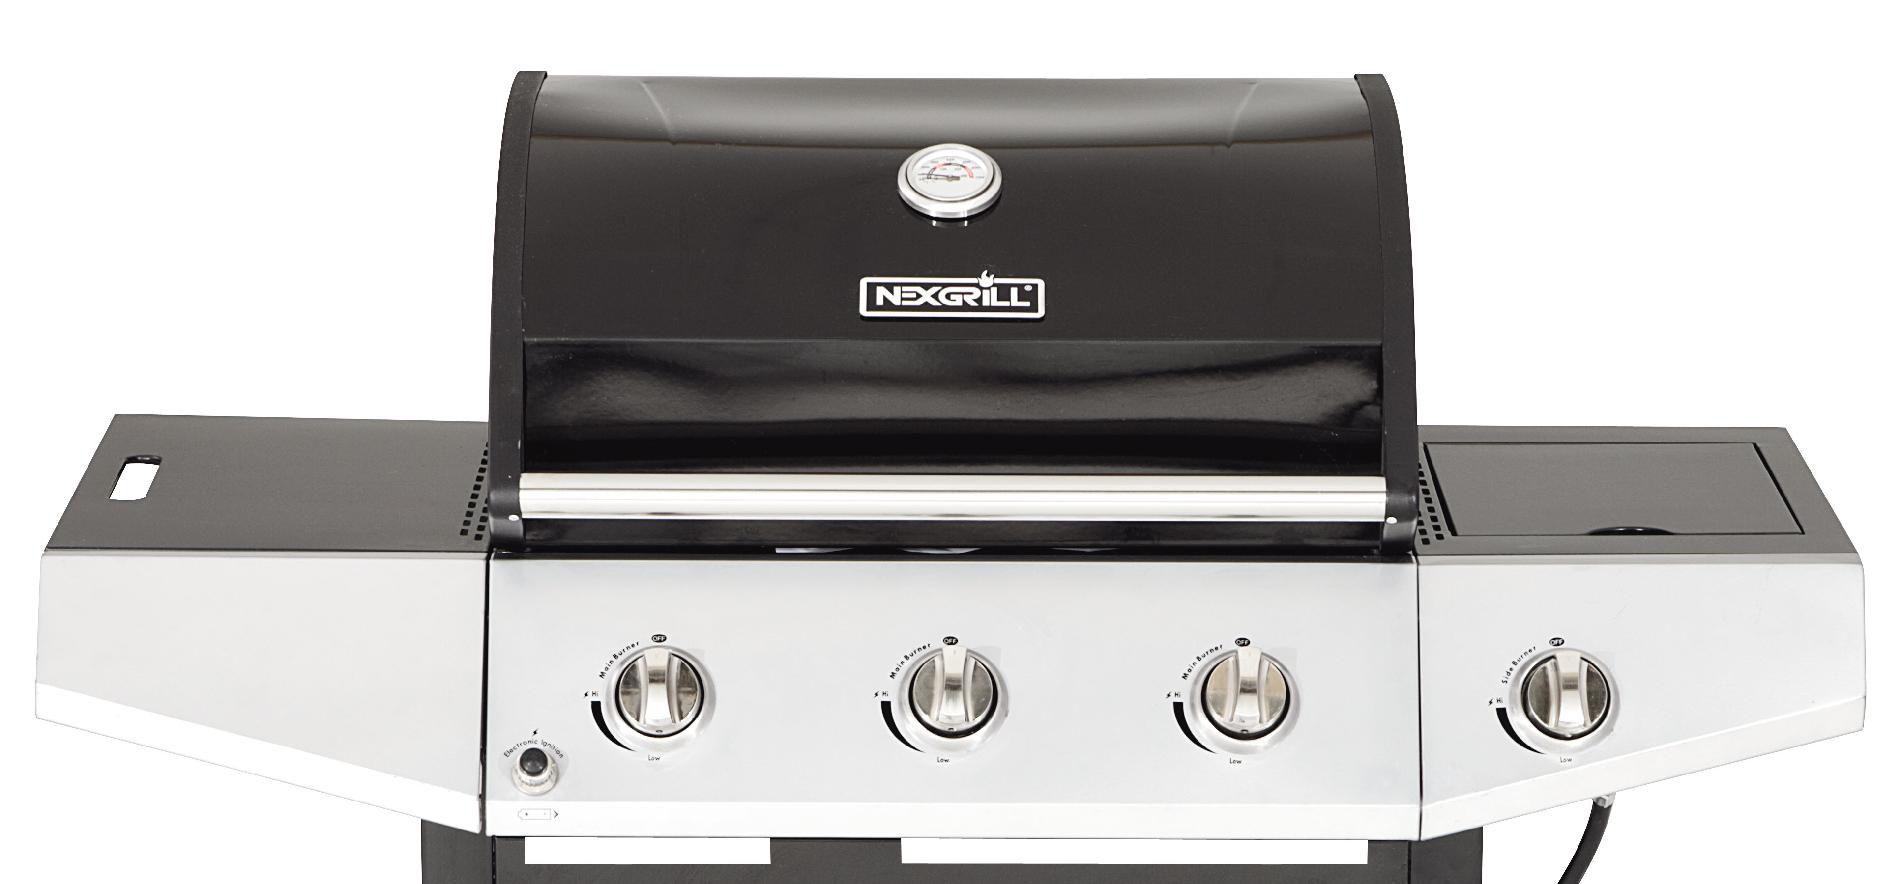 Nexgrill 3-Burner Gas Grill